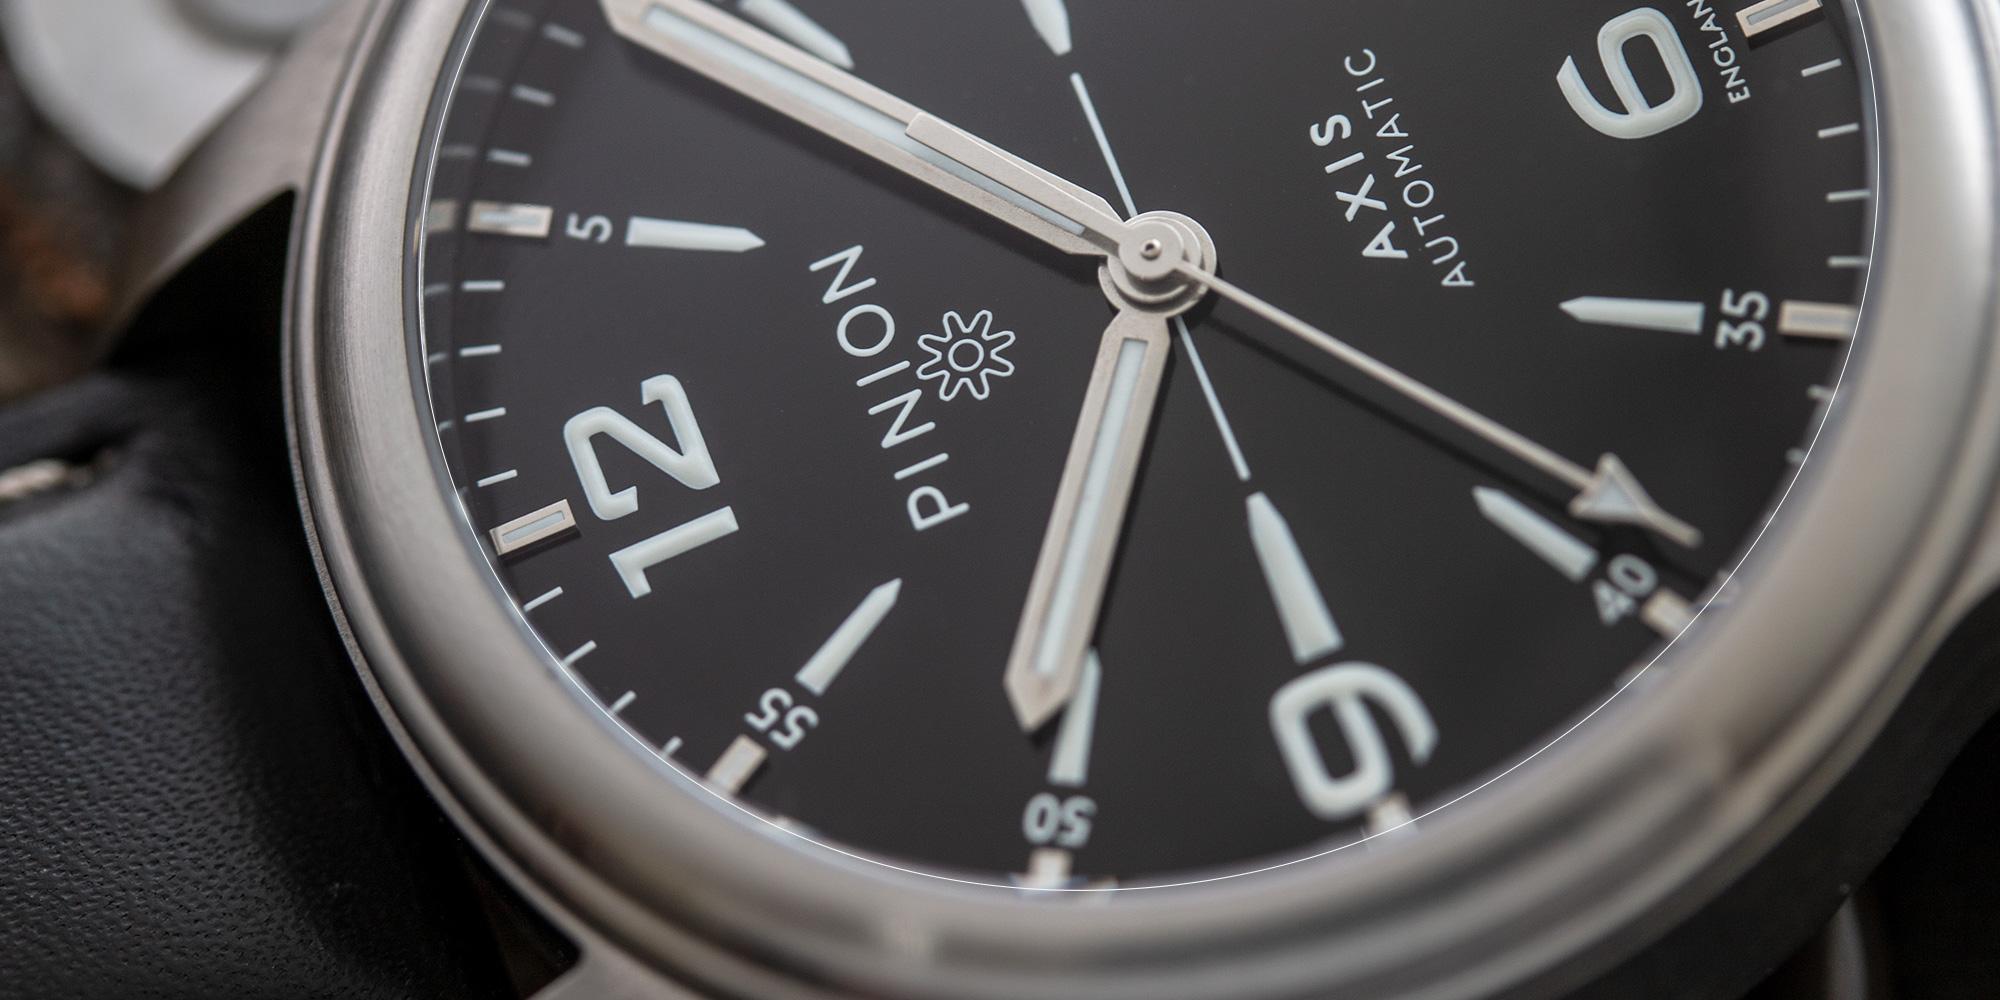 pinion-axis-ii-steel-watch-005